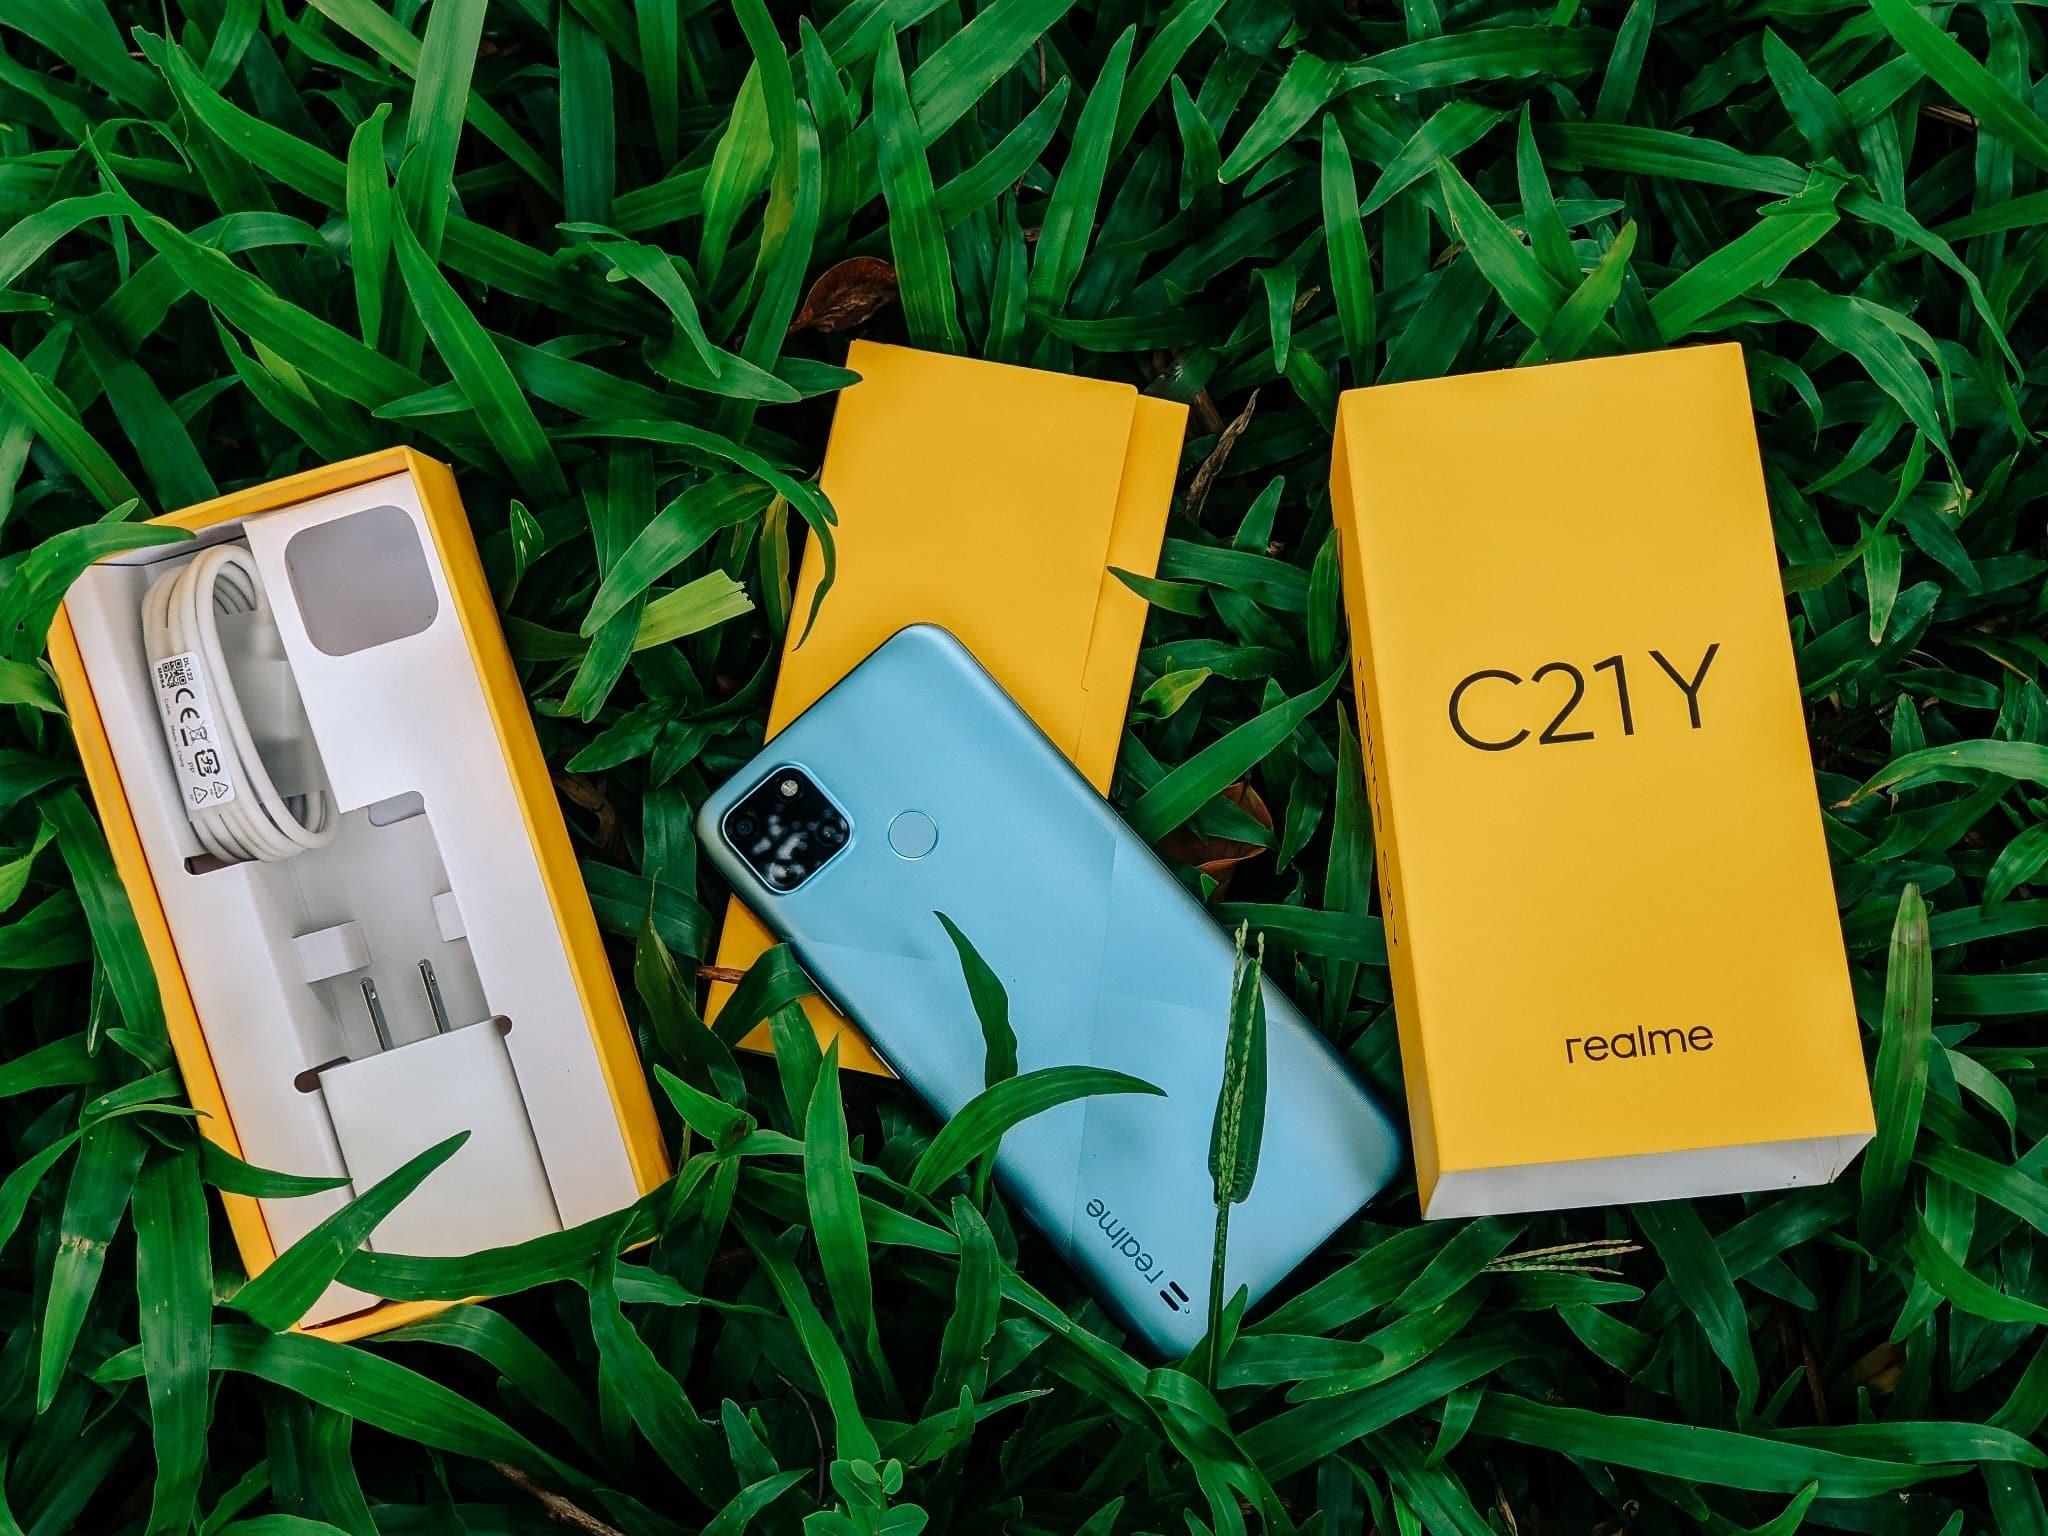 Realme C21Y thiết kế hiện đại phù hợp với giới trẻ - Công Nghệ